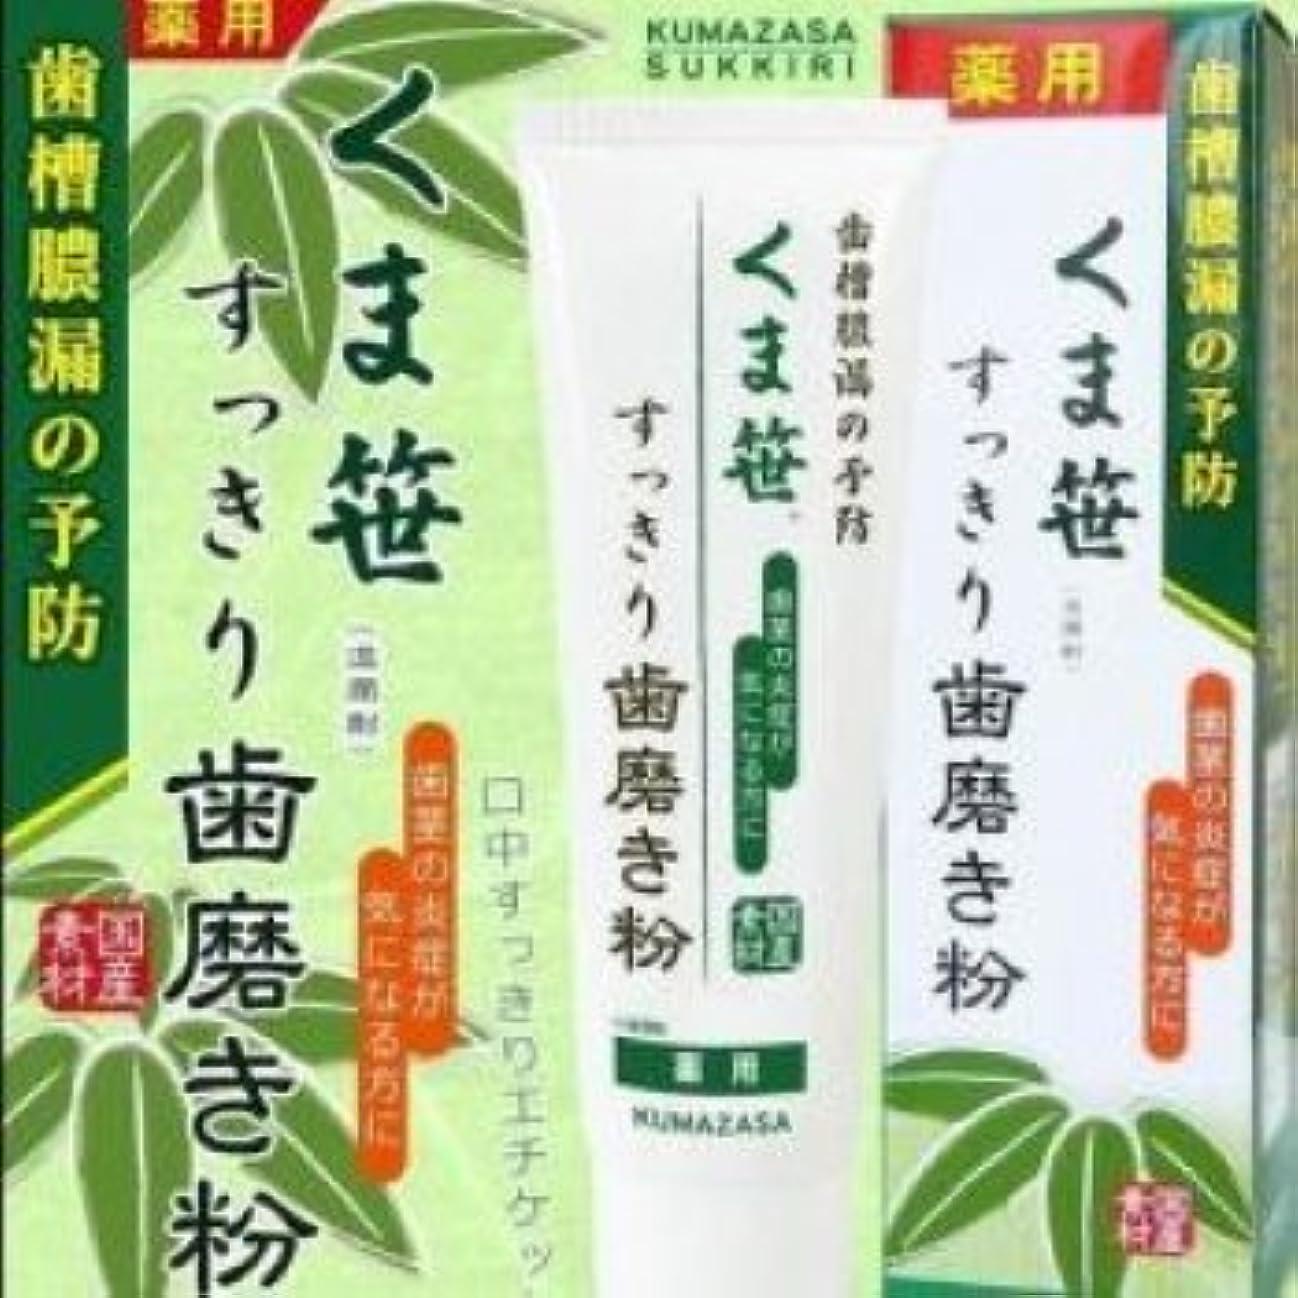 フローティング市場ファイル薬用くま笹すっきり歯磨き粉